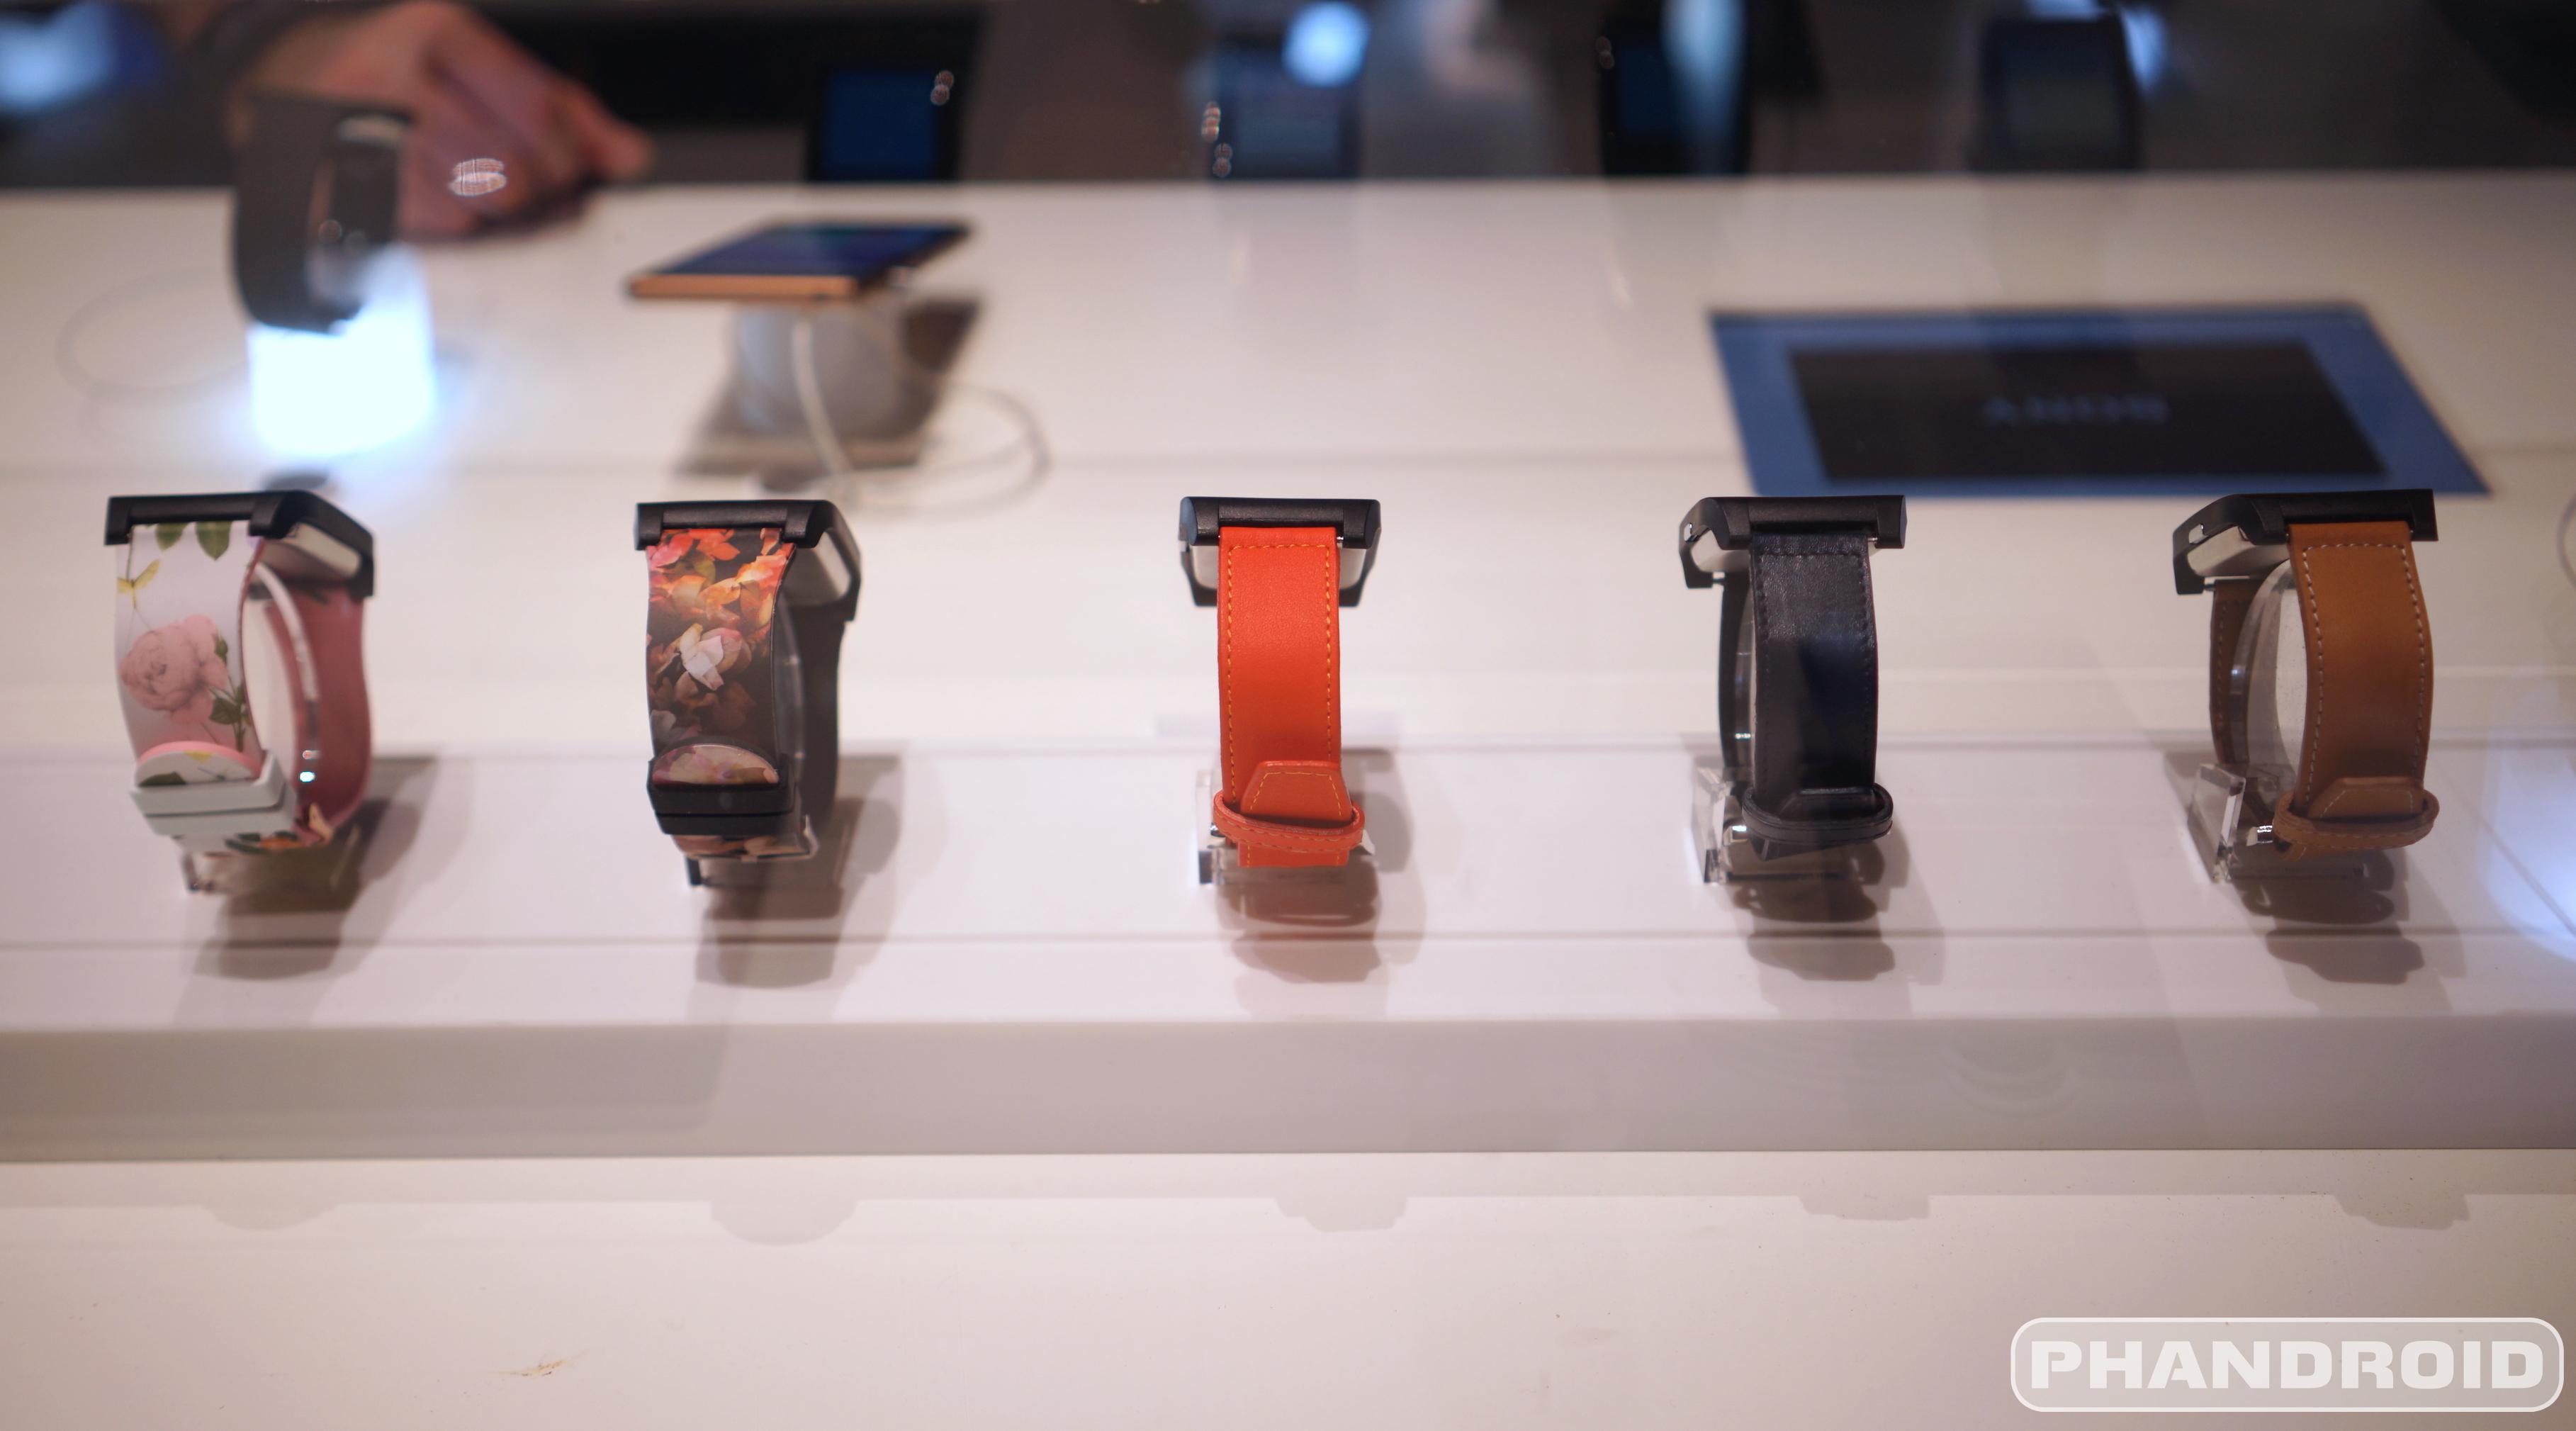 [CES 2015] Nhĩn kĩ hơn vẻ đẹp của Sony Smartwatch 3 bản kim loại - 59365